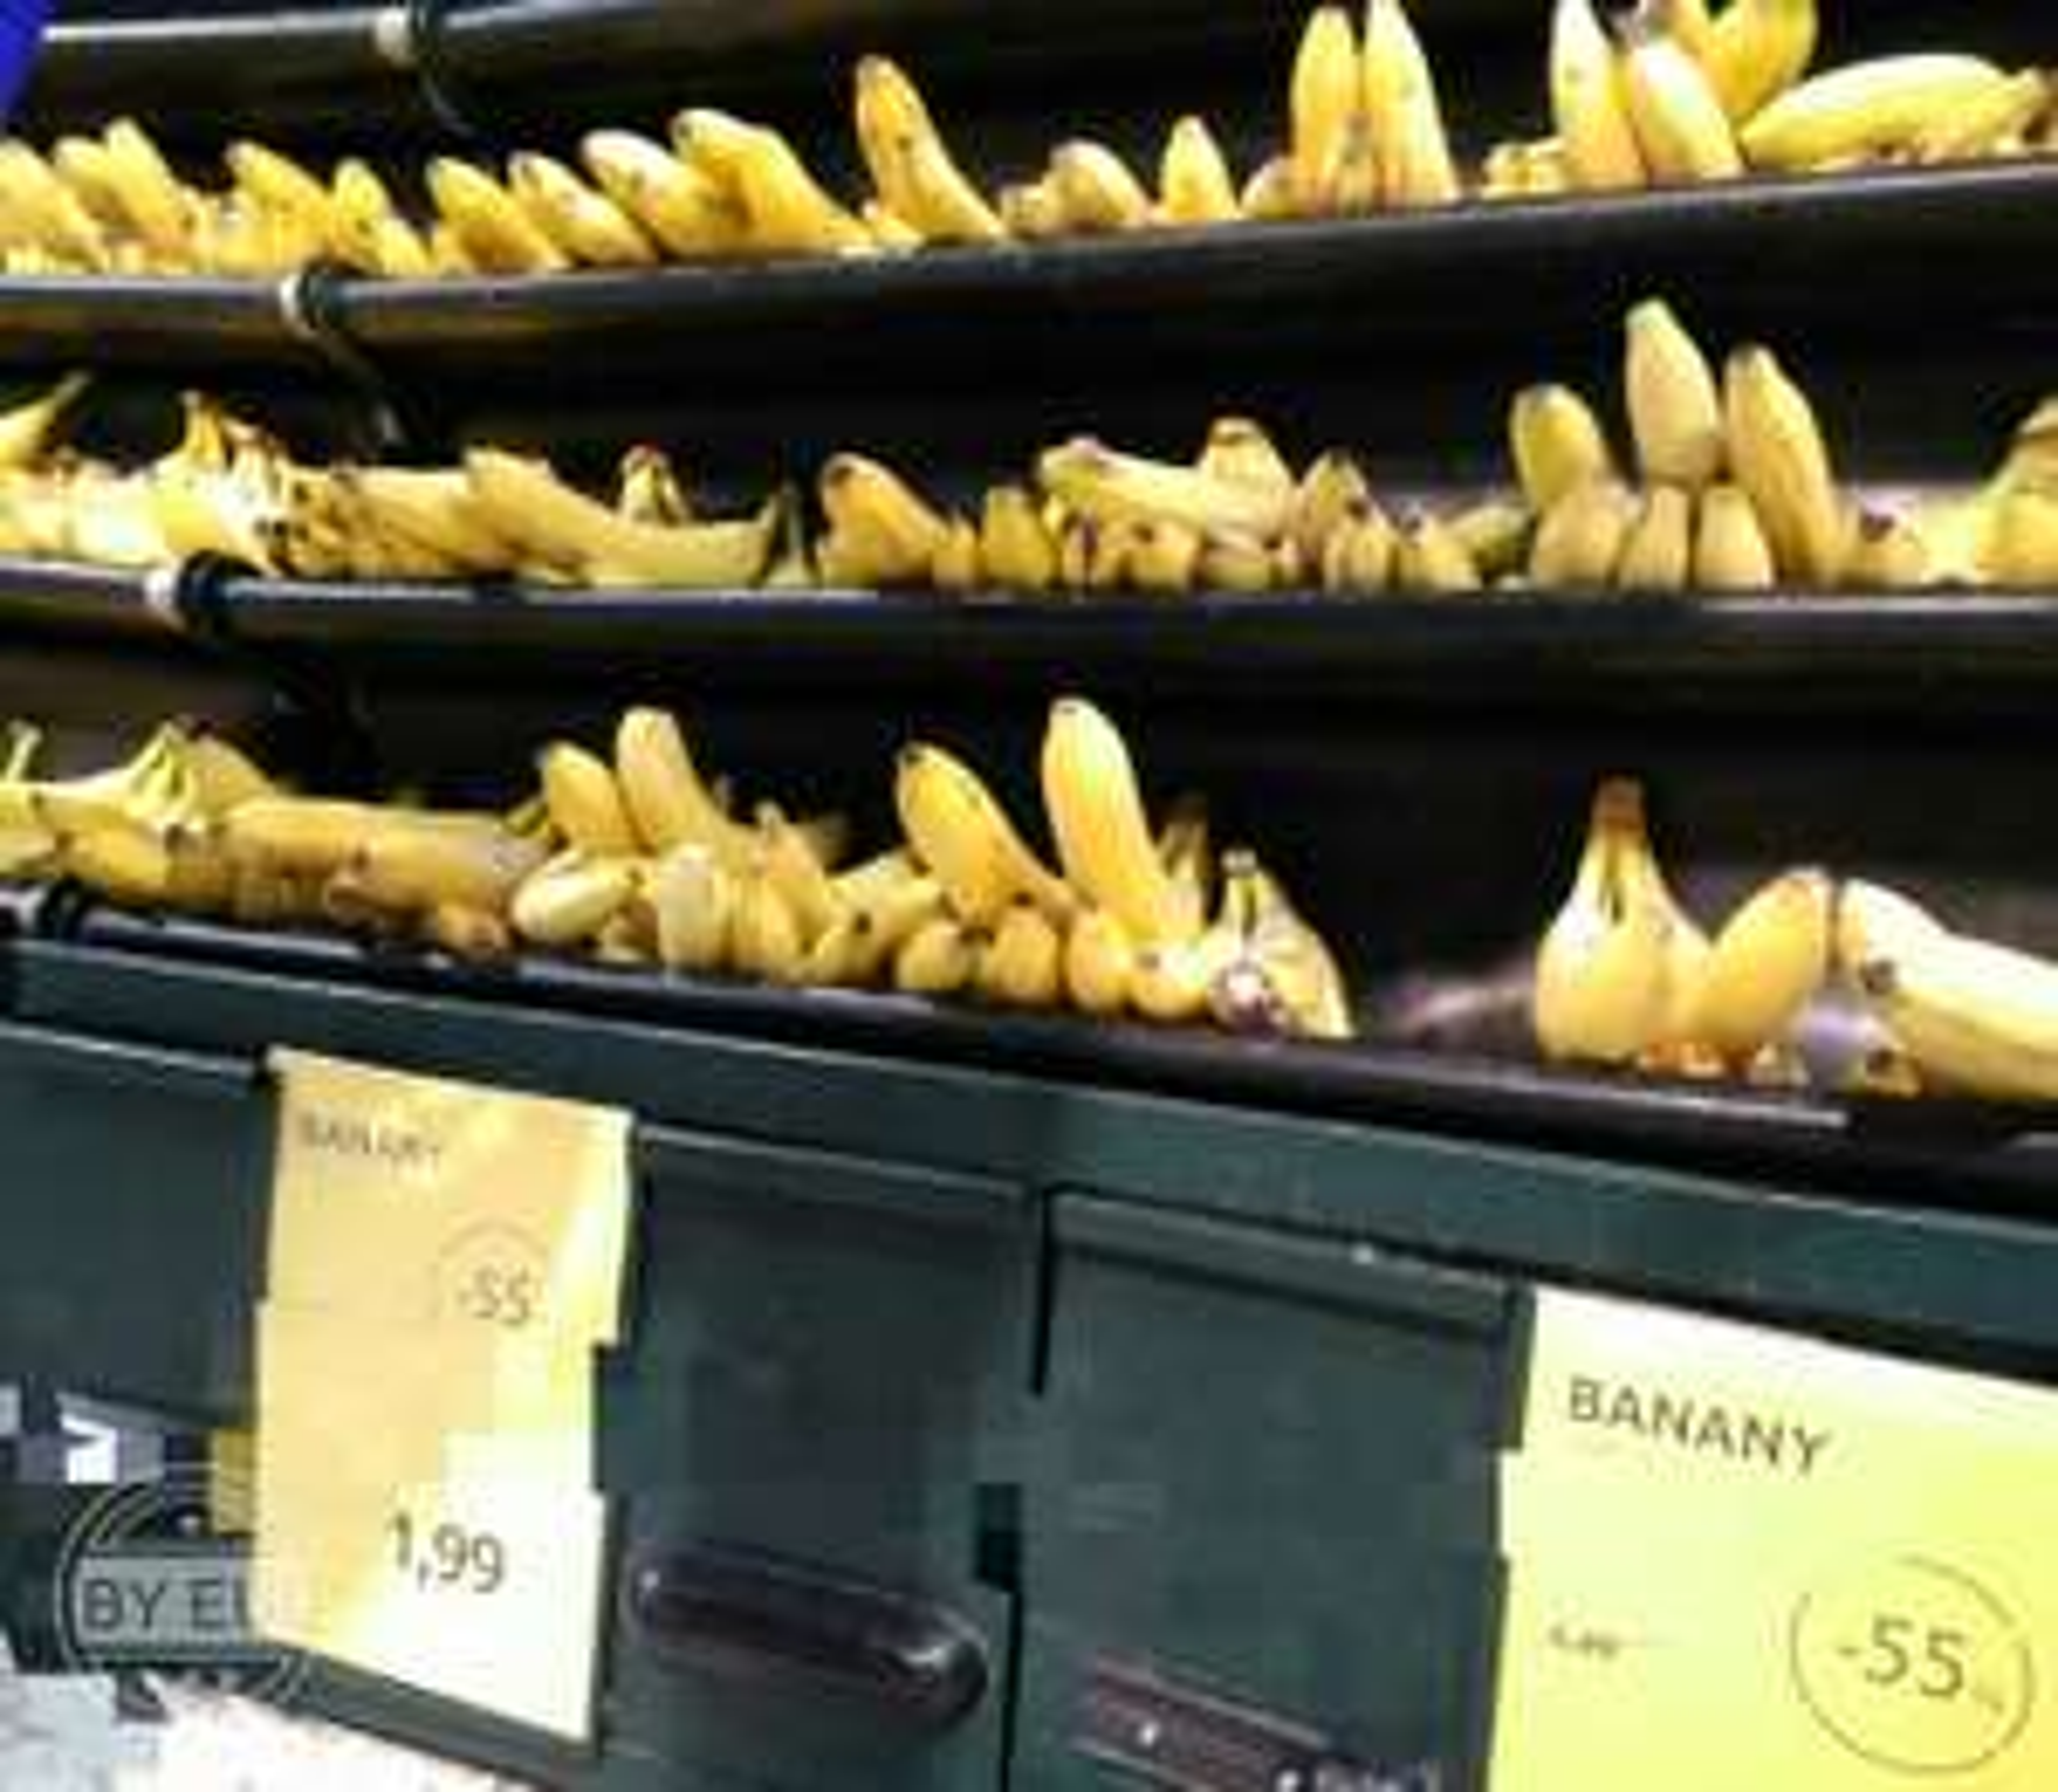 banany 1,99, arbuz 0,99 zł - Tesco Górczewska W-wa